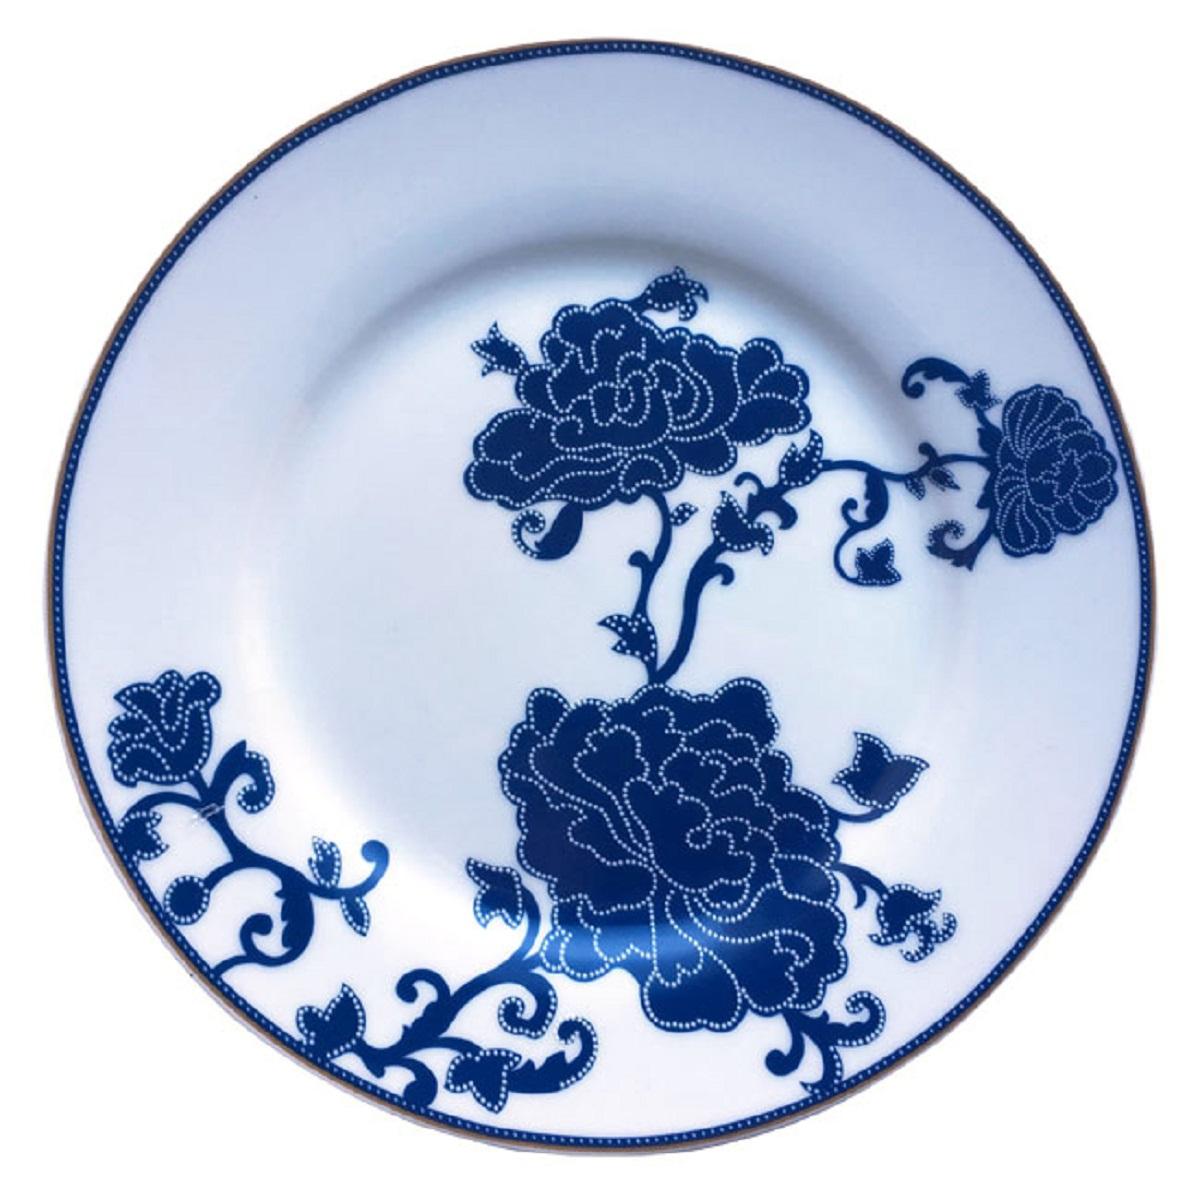 Тарелка десертная МФК-профит Восточный сад, диаметр 19 см щетка для посуды мфк профит цветы цвет розовый 17 5 x 7 x 5 см